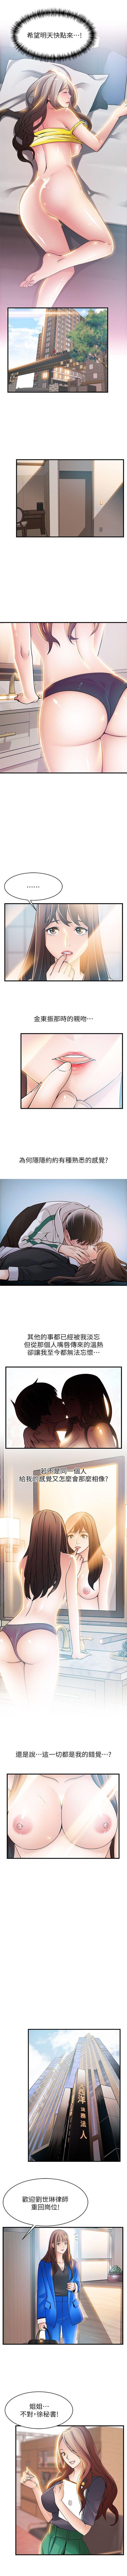 弱点 1-64 中文翻译(更新中) 143